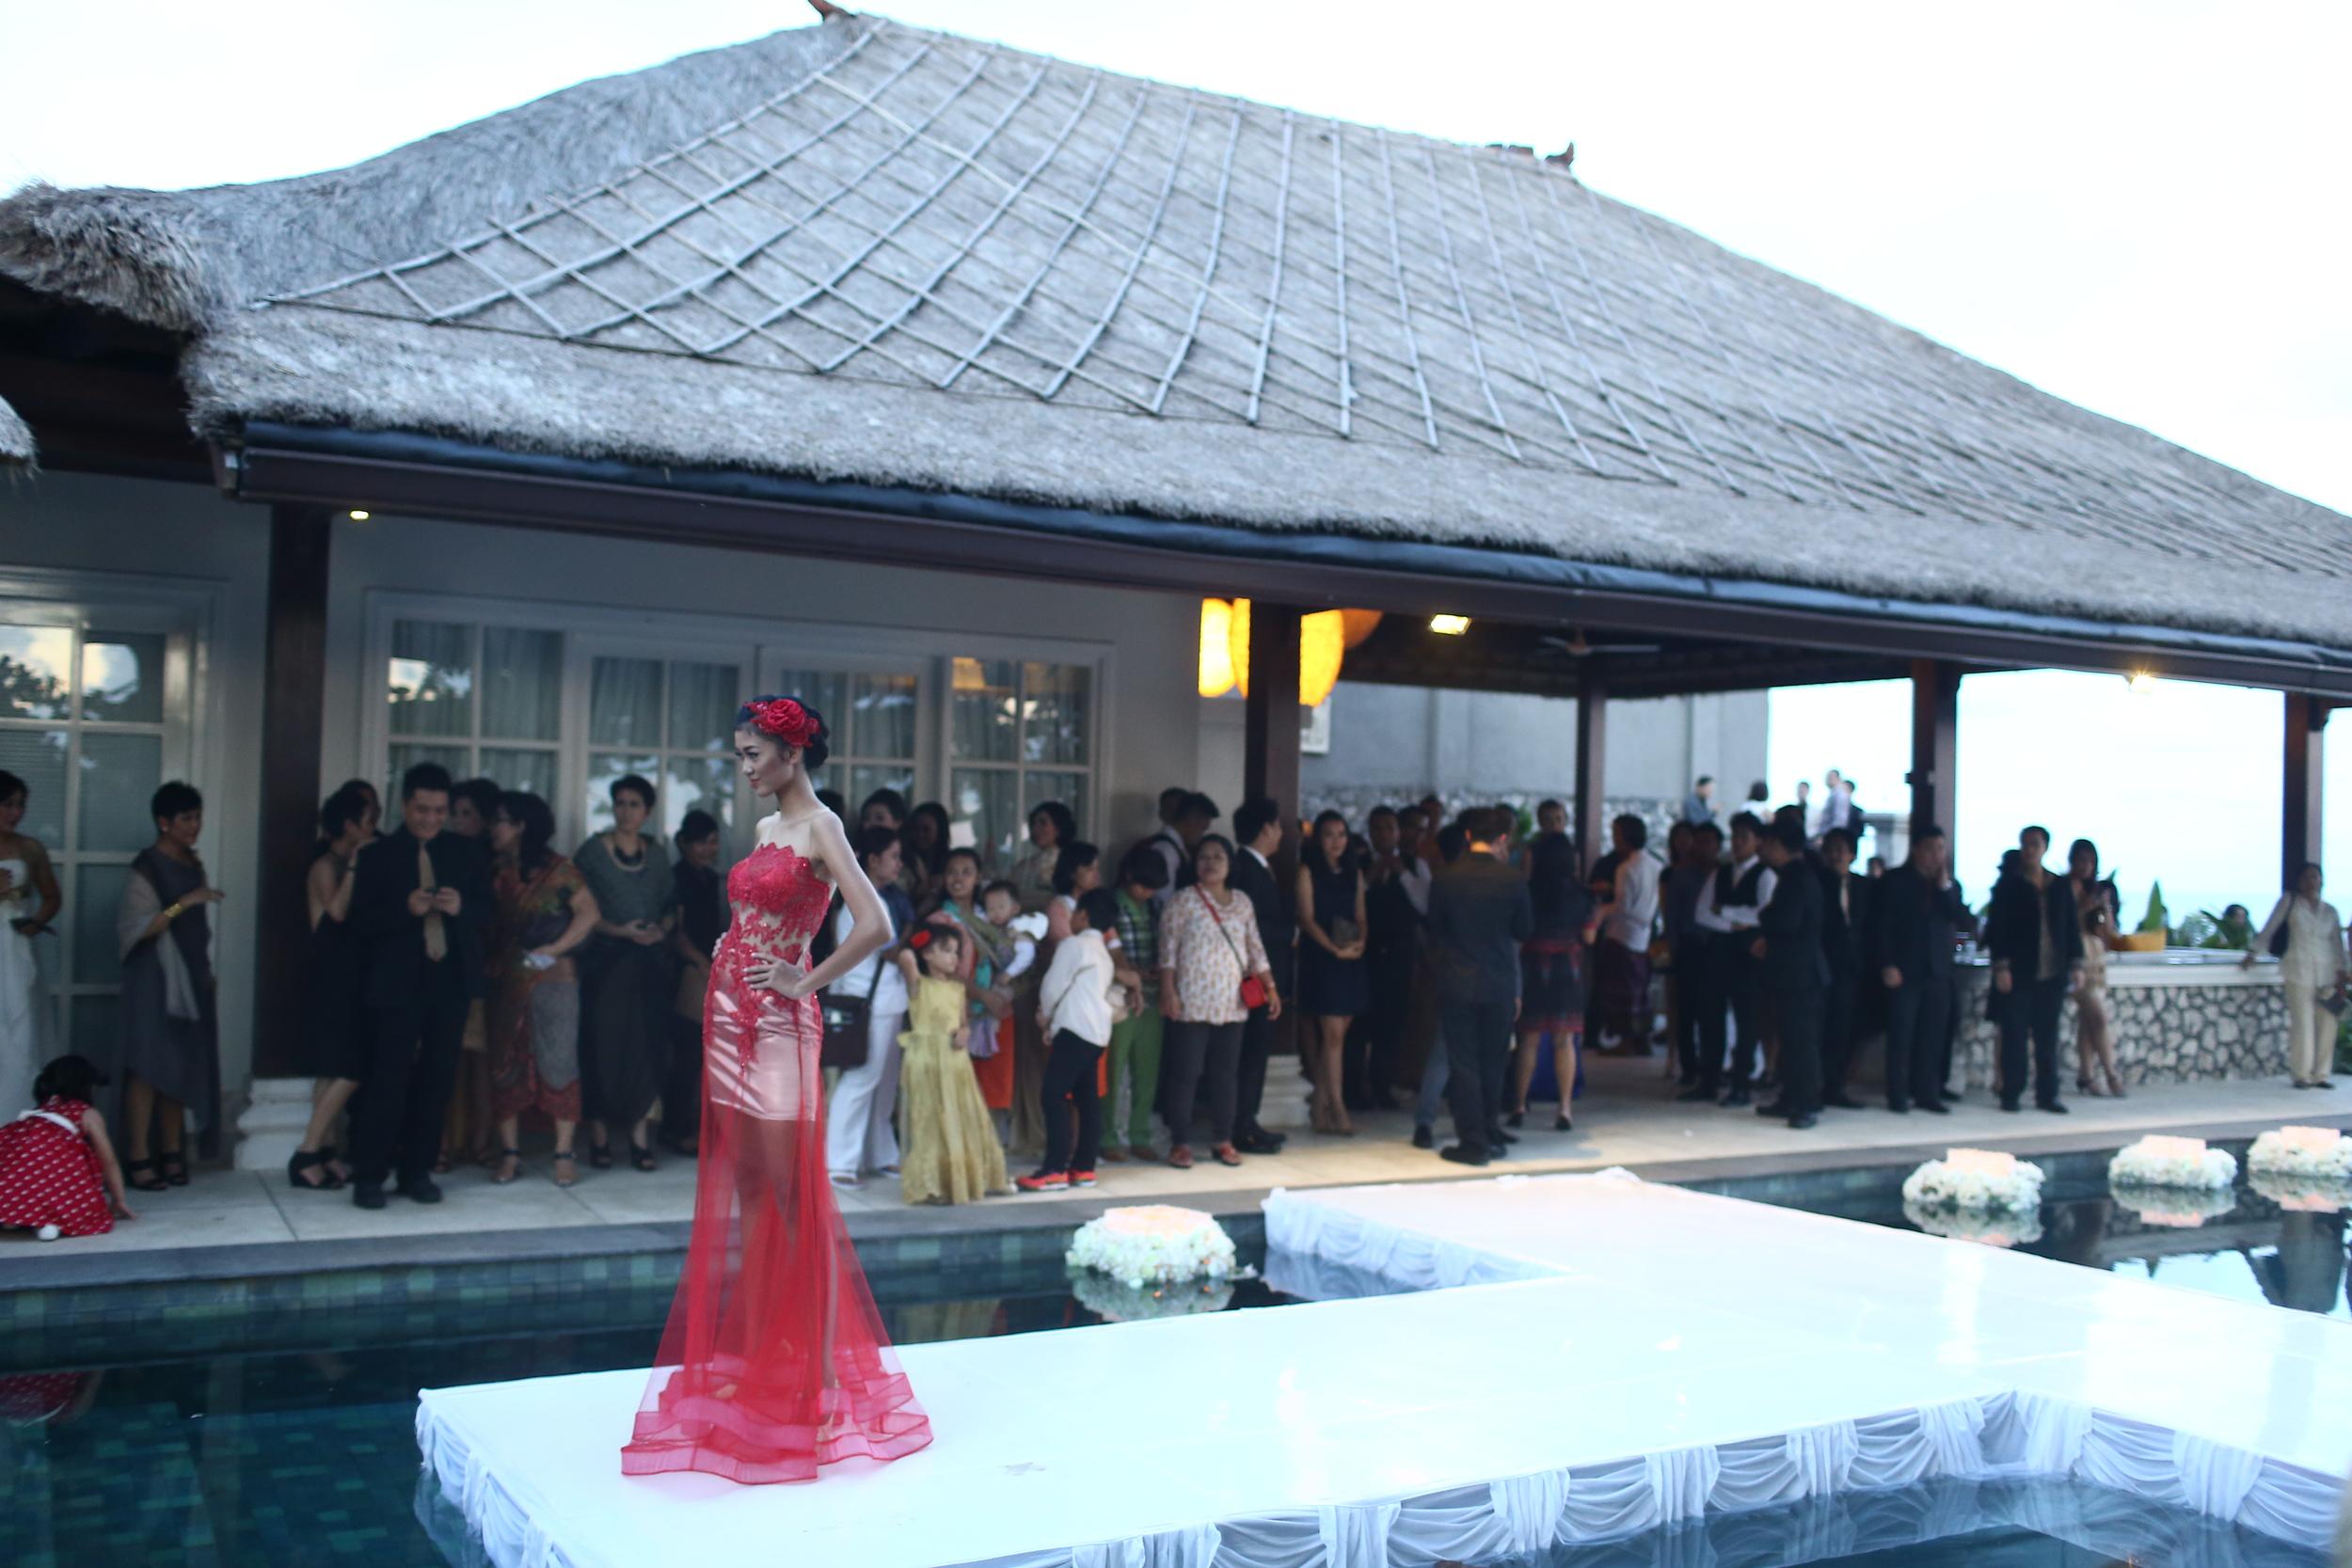 krang putih wedding 3.JPG